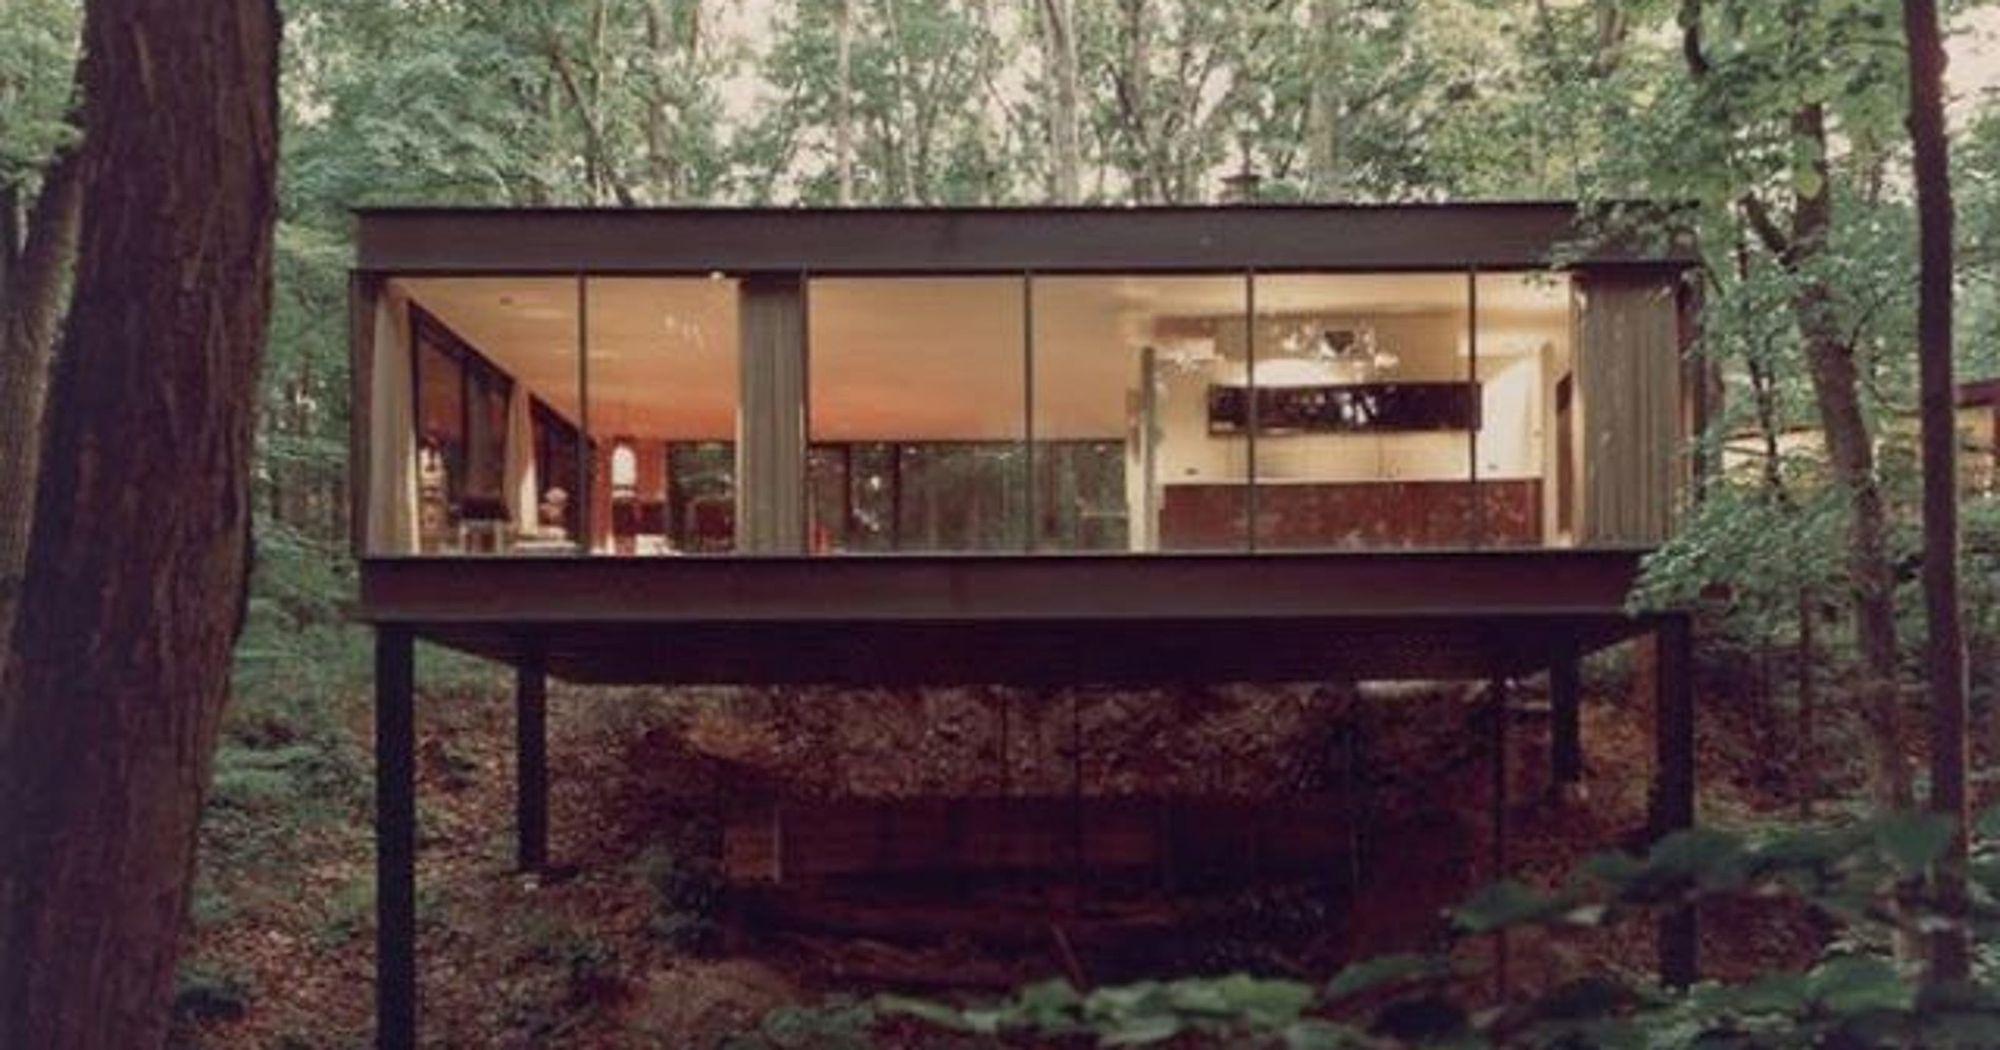 Dit huis is modern, maar al in 1952 gebouwd! De architect A. James Speyer was een student van Mies van der Rohe, wat duidelijk te zien is in het minimalistische ontwerp.